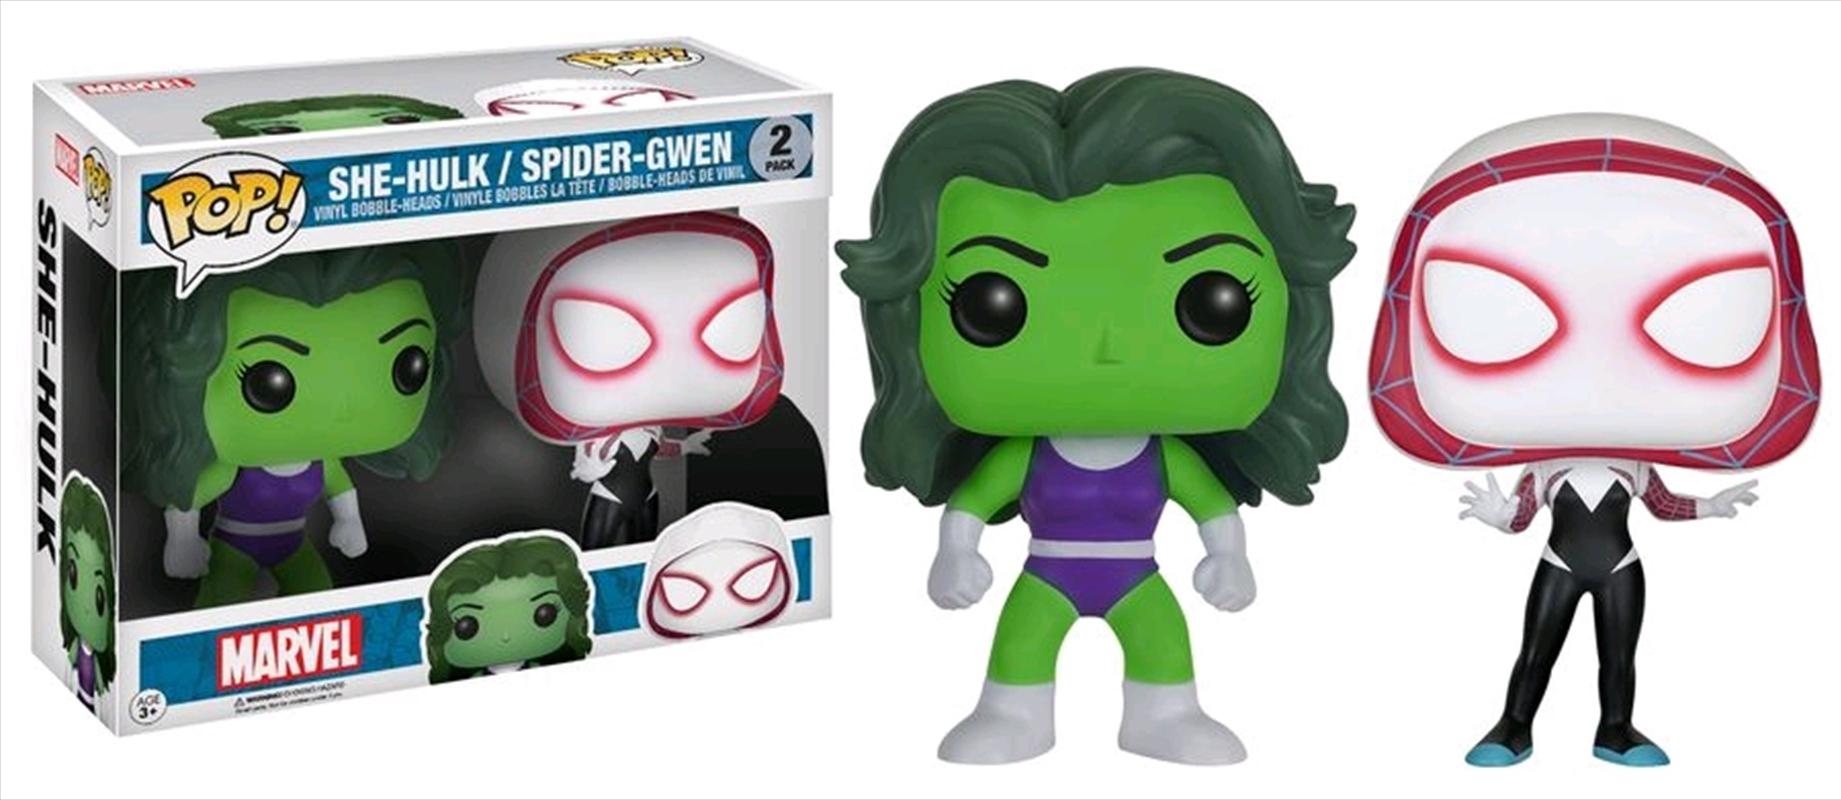 Marvel - She-Hulk & Spider-Gwen US Exclusive Pop! Vinyl 2-Pack   Pop Vinyl